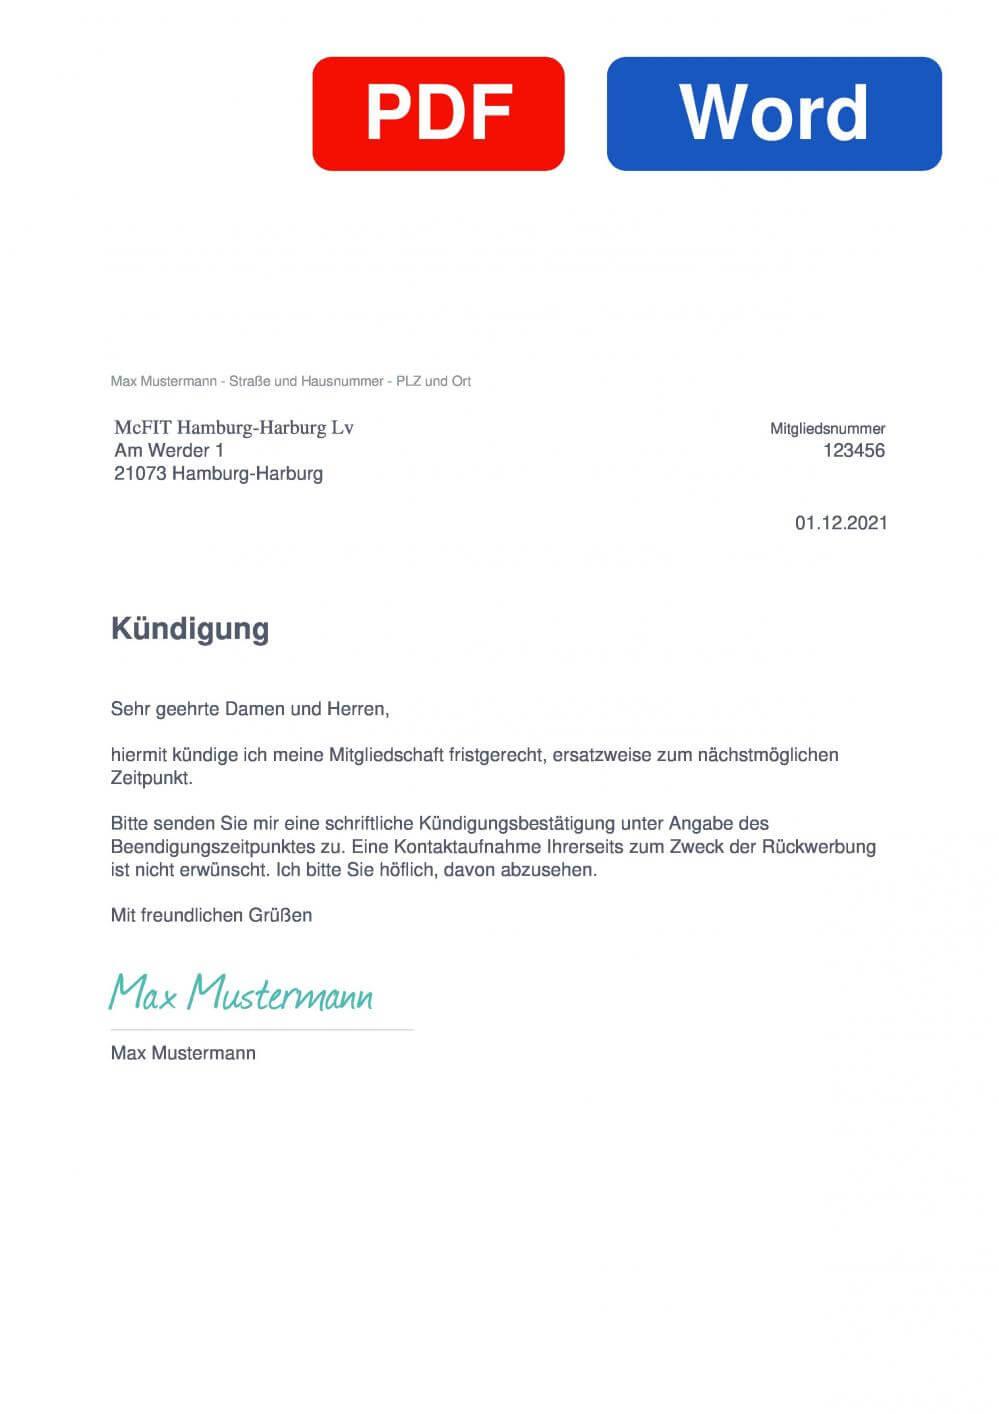 McFIT Hamburg-Harburg Lv Muster Vorlage für Kündigungsschreiben